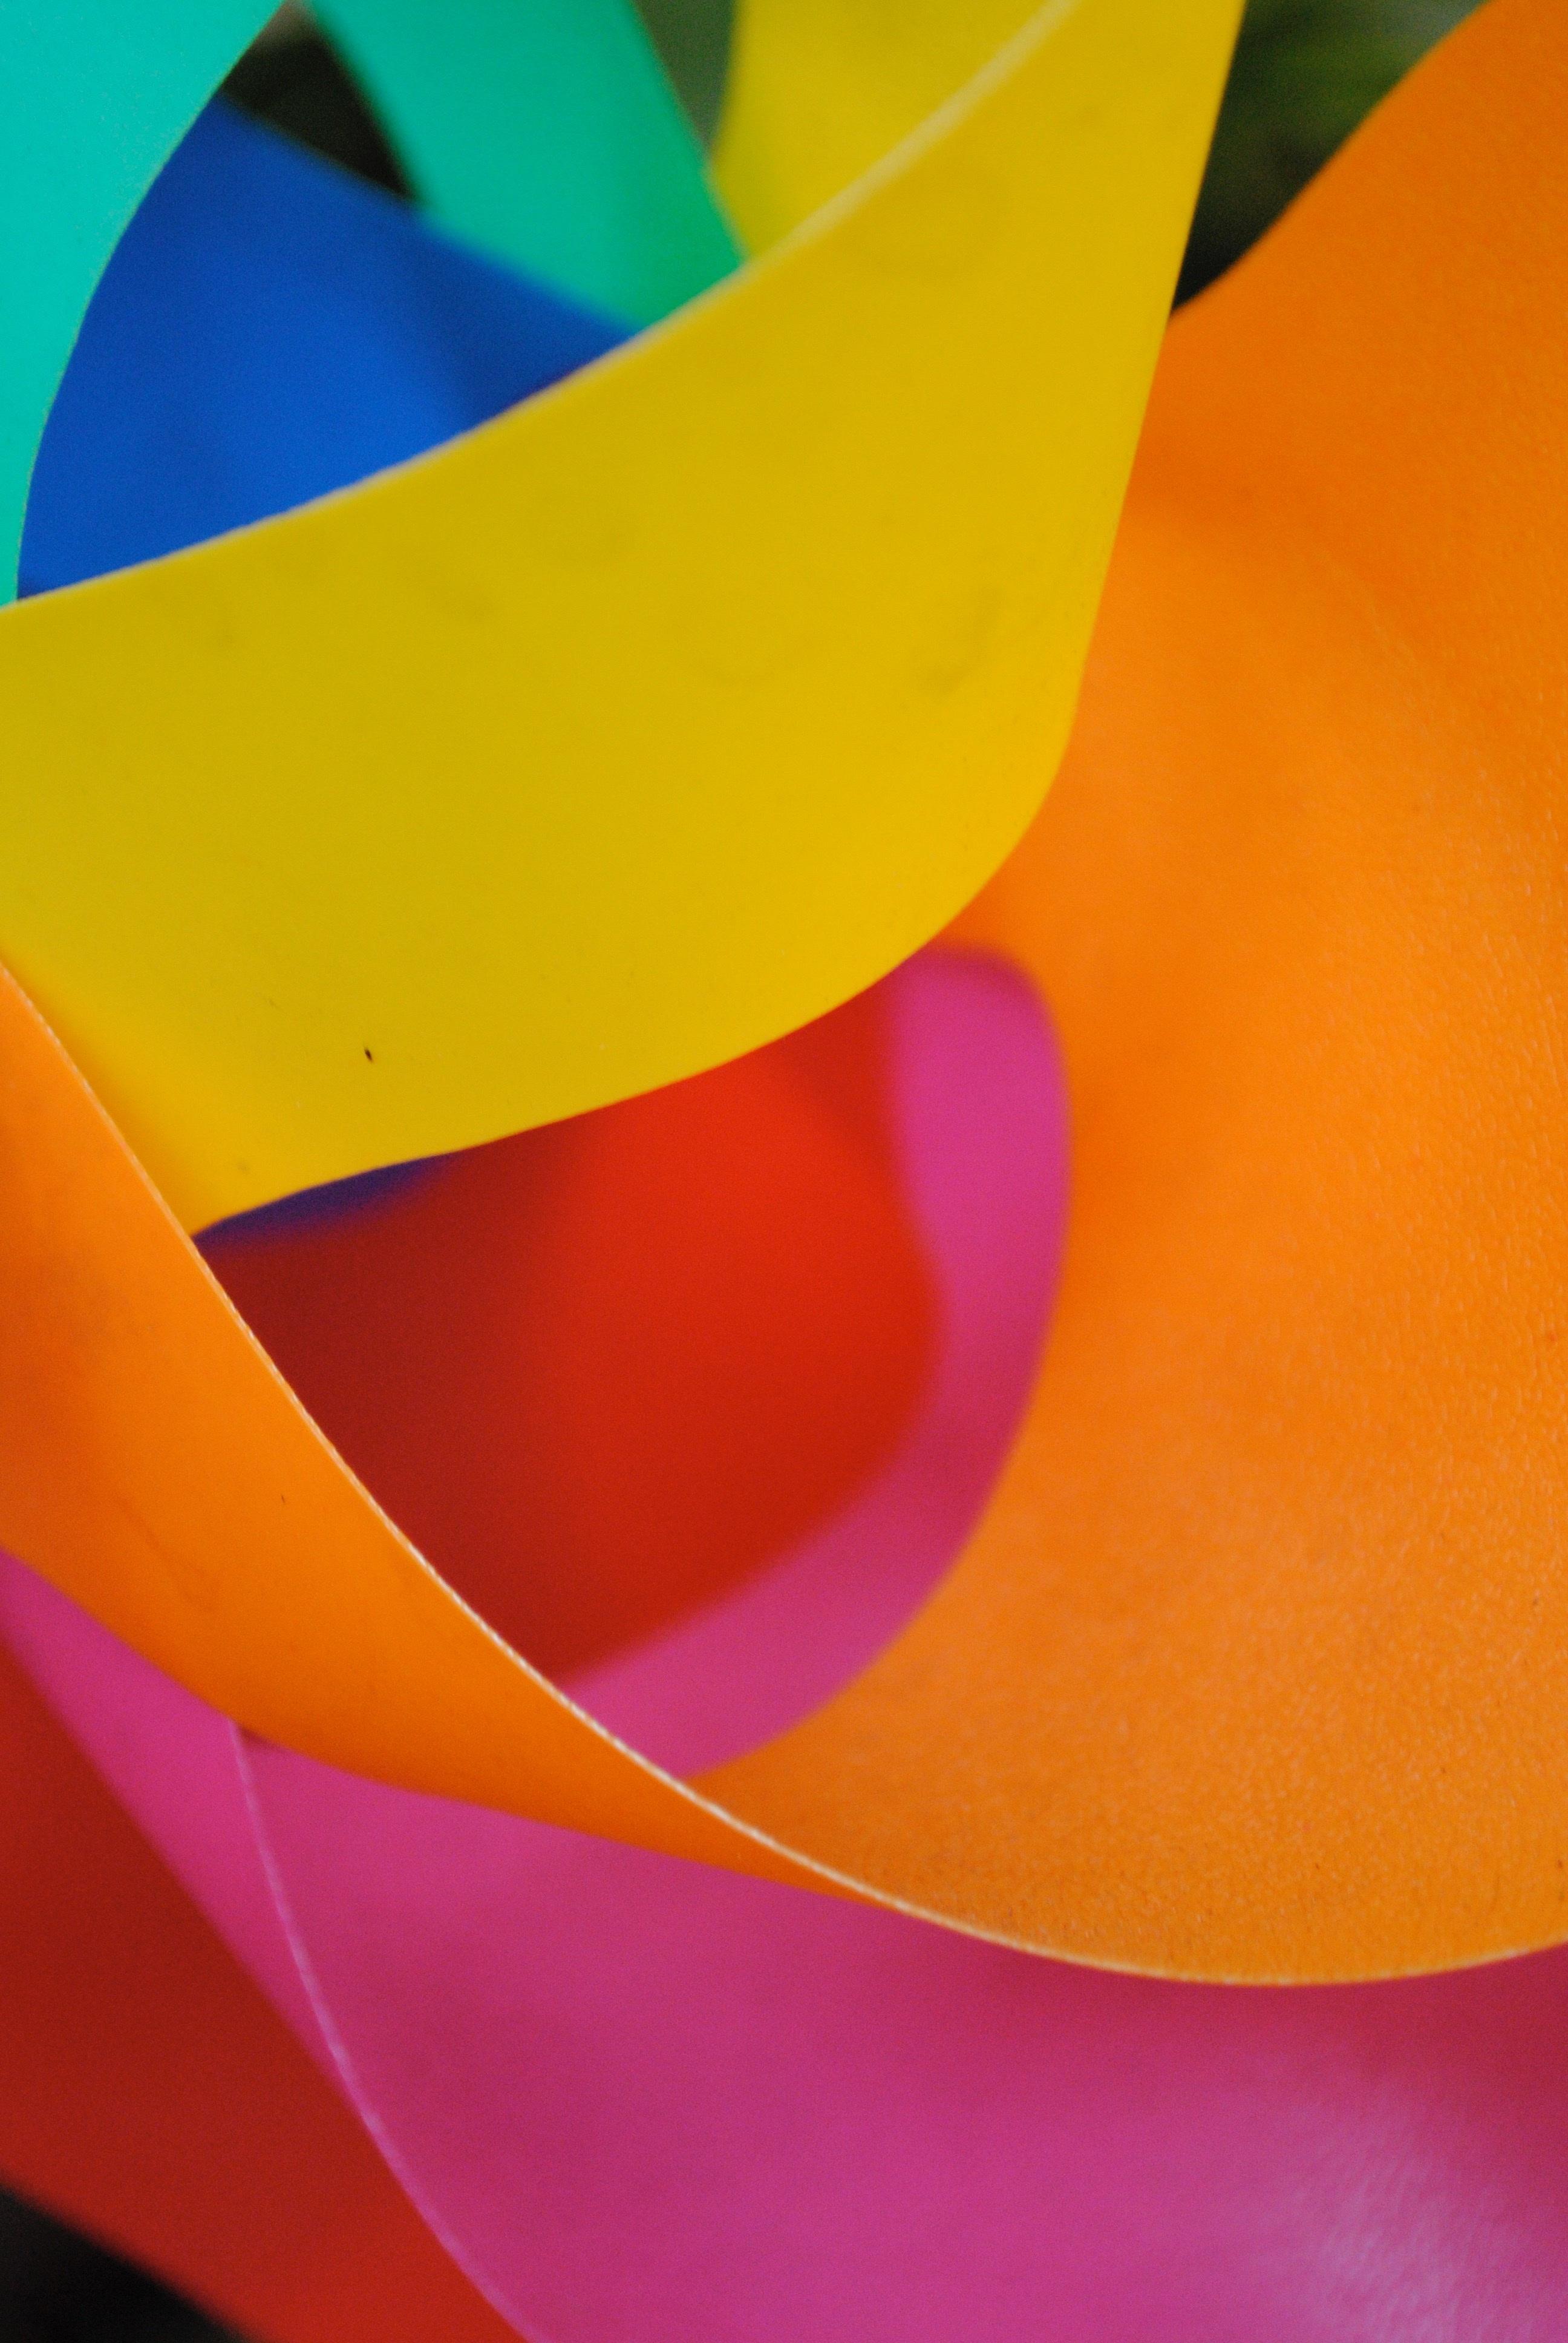 무료 이미지 : 복고풍의, 꽃잎, 장식, 주황색, 무늬, 선, 빨간 ...